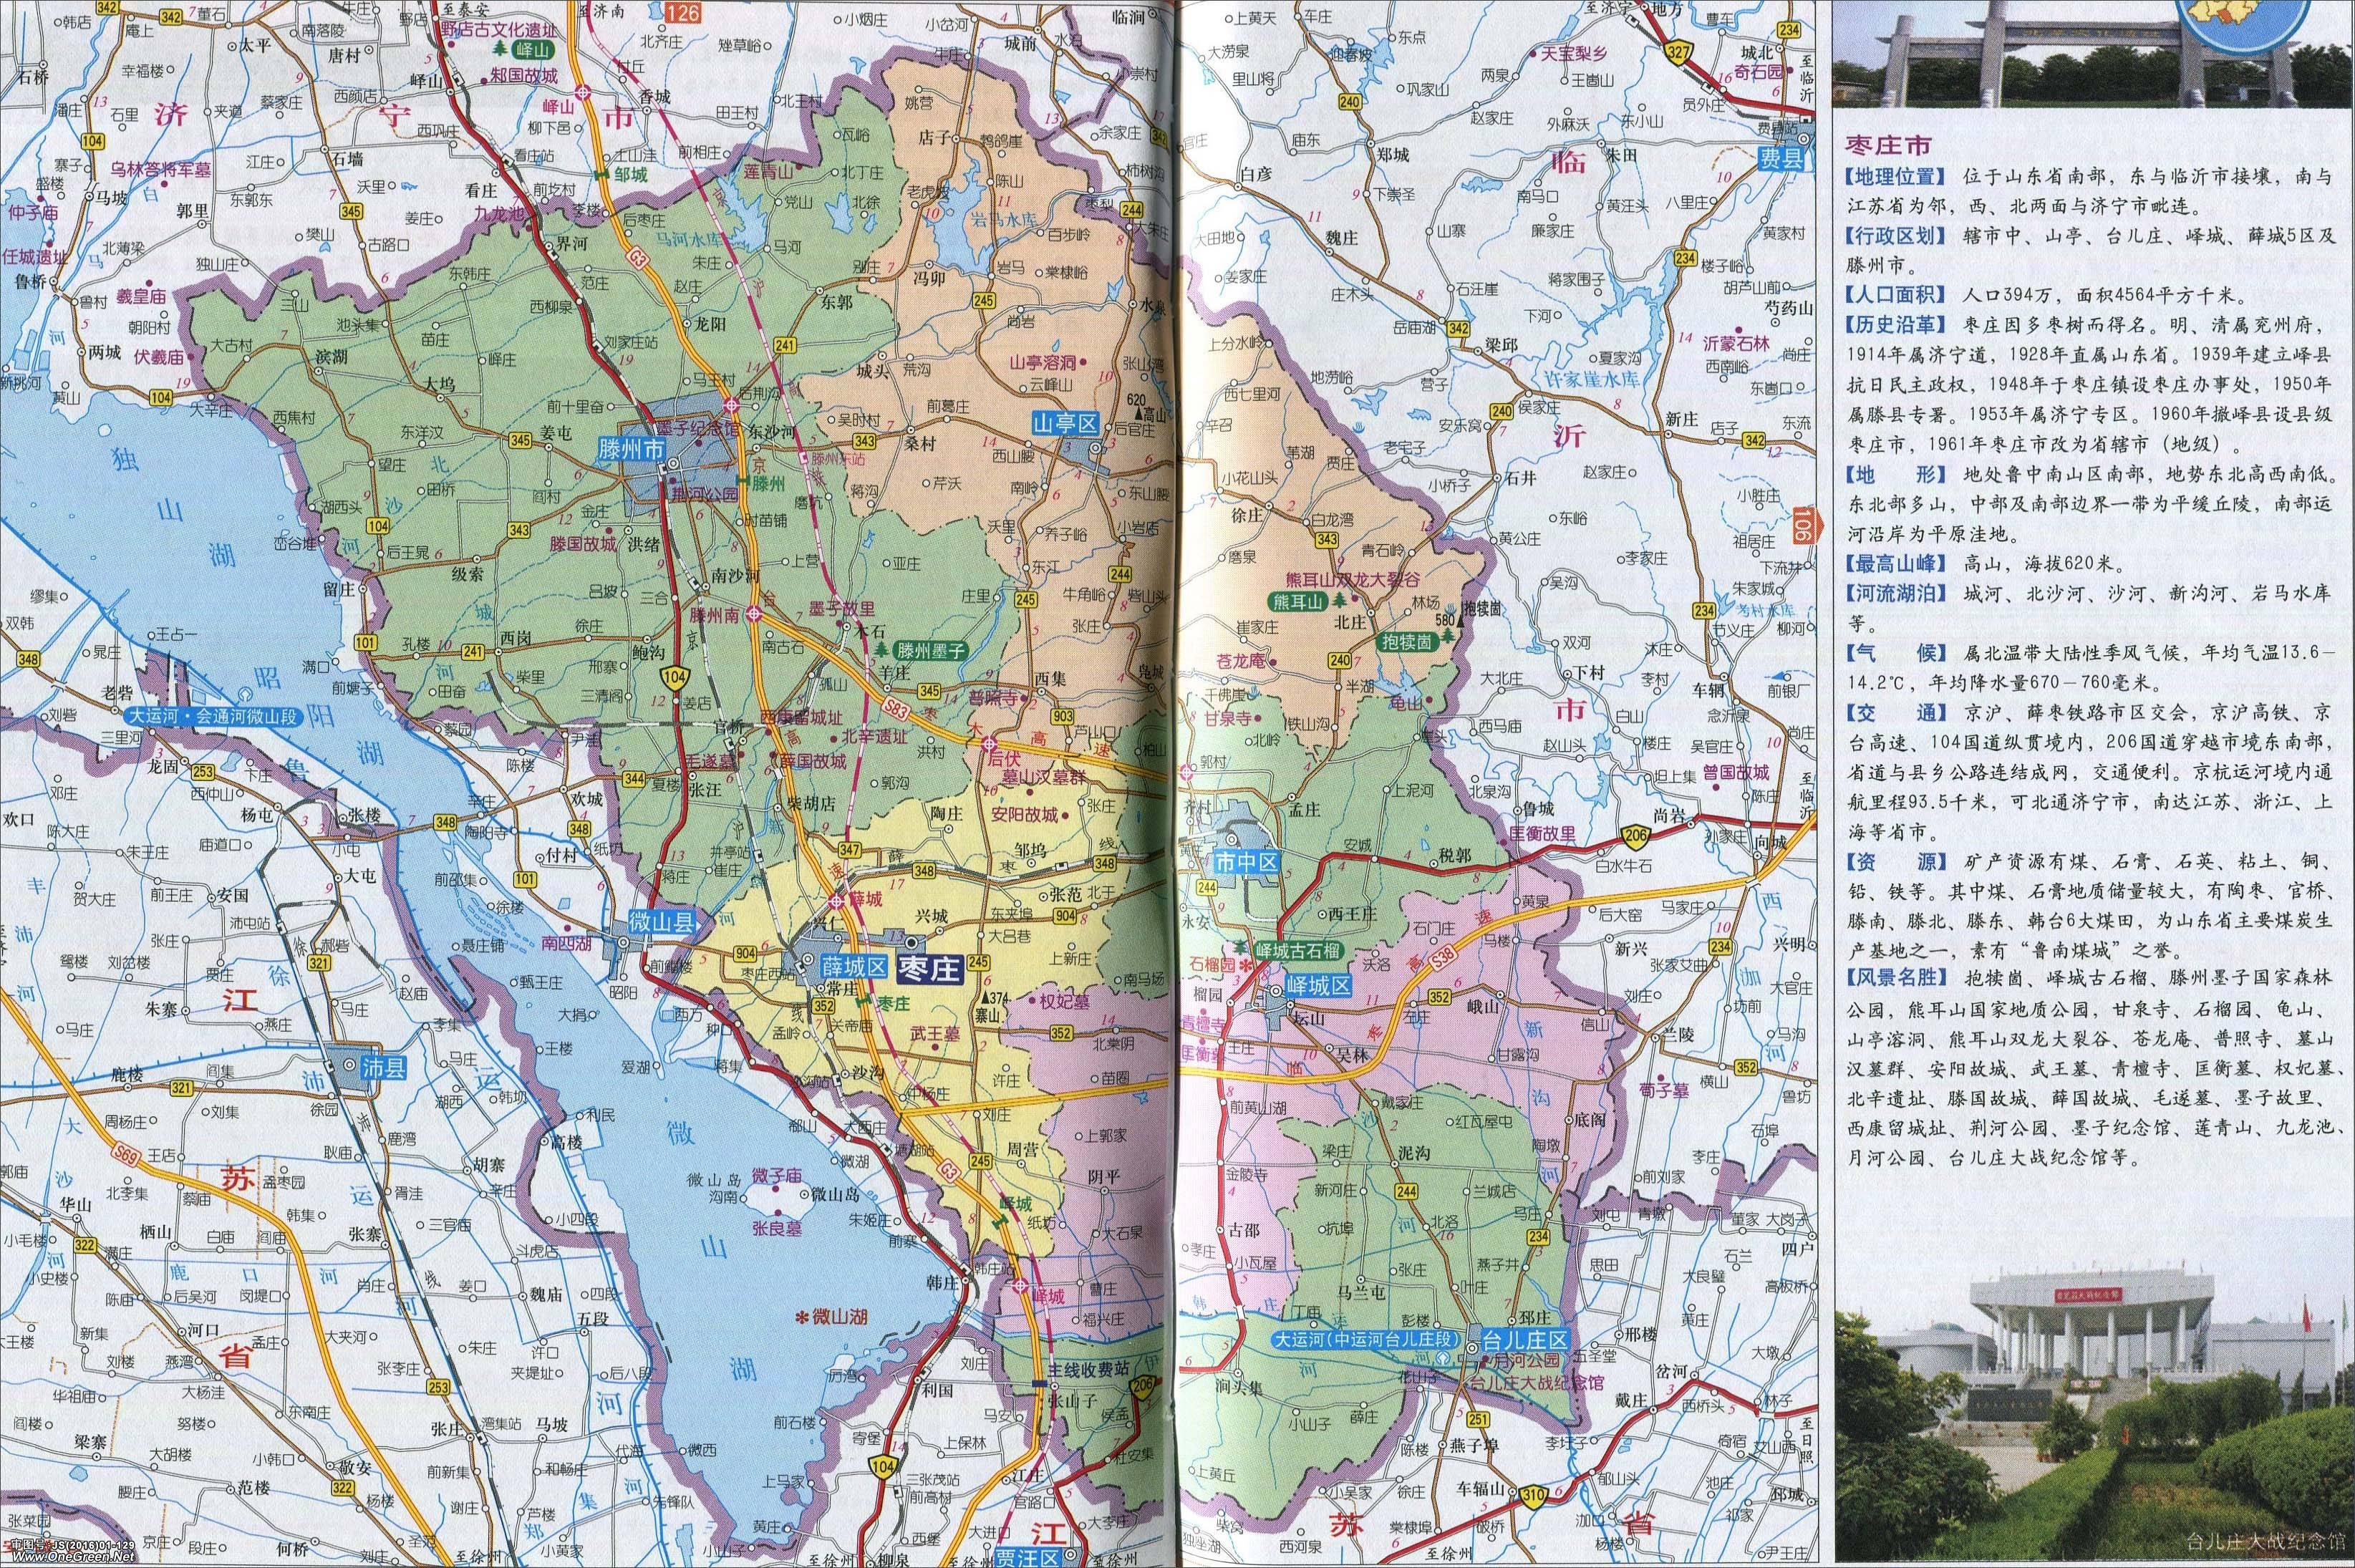 枣庄市地图高清版